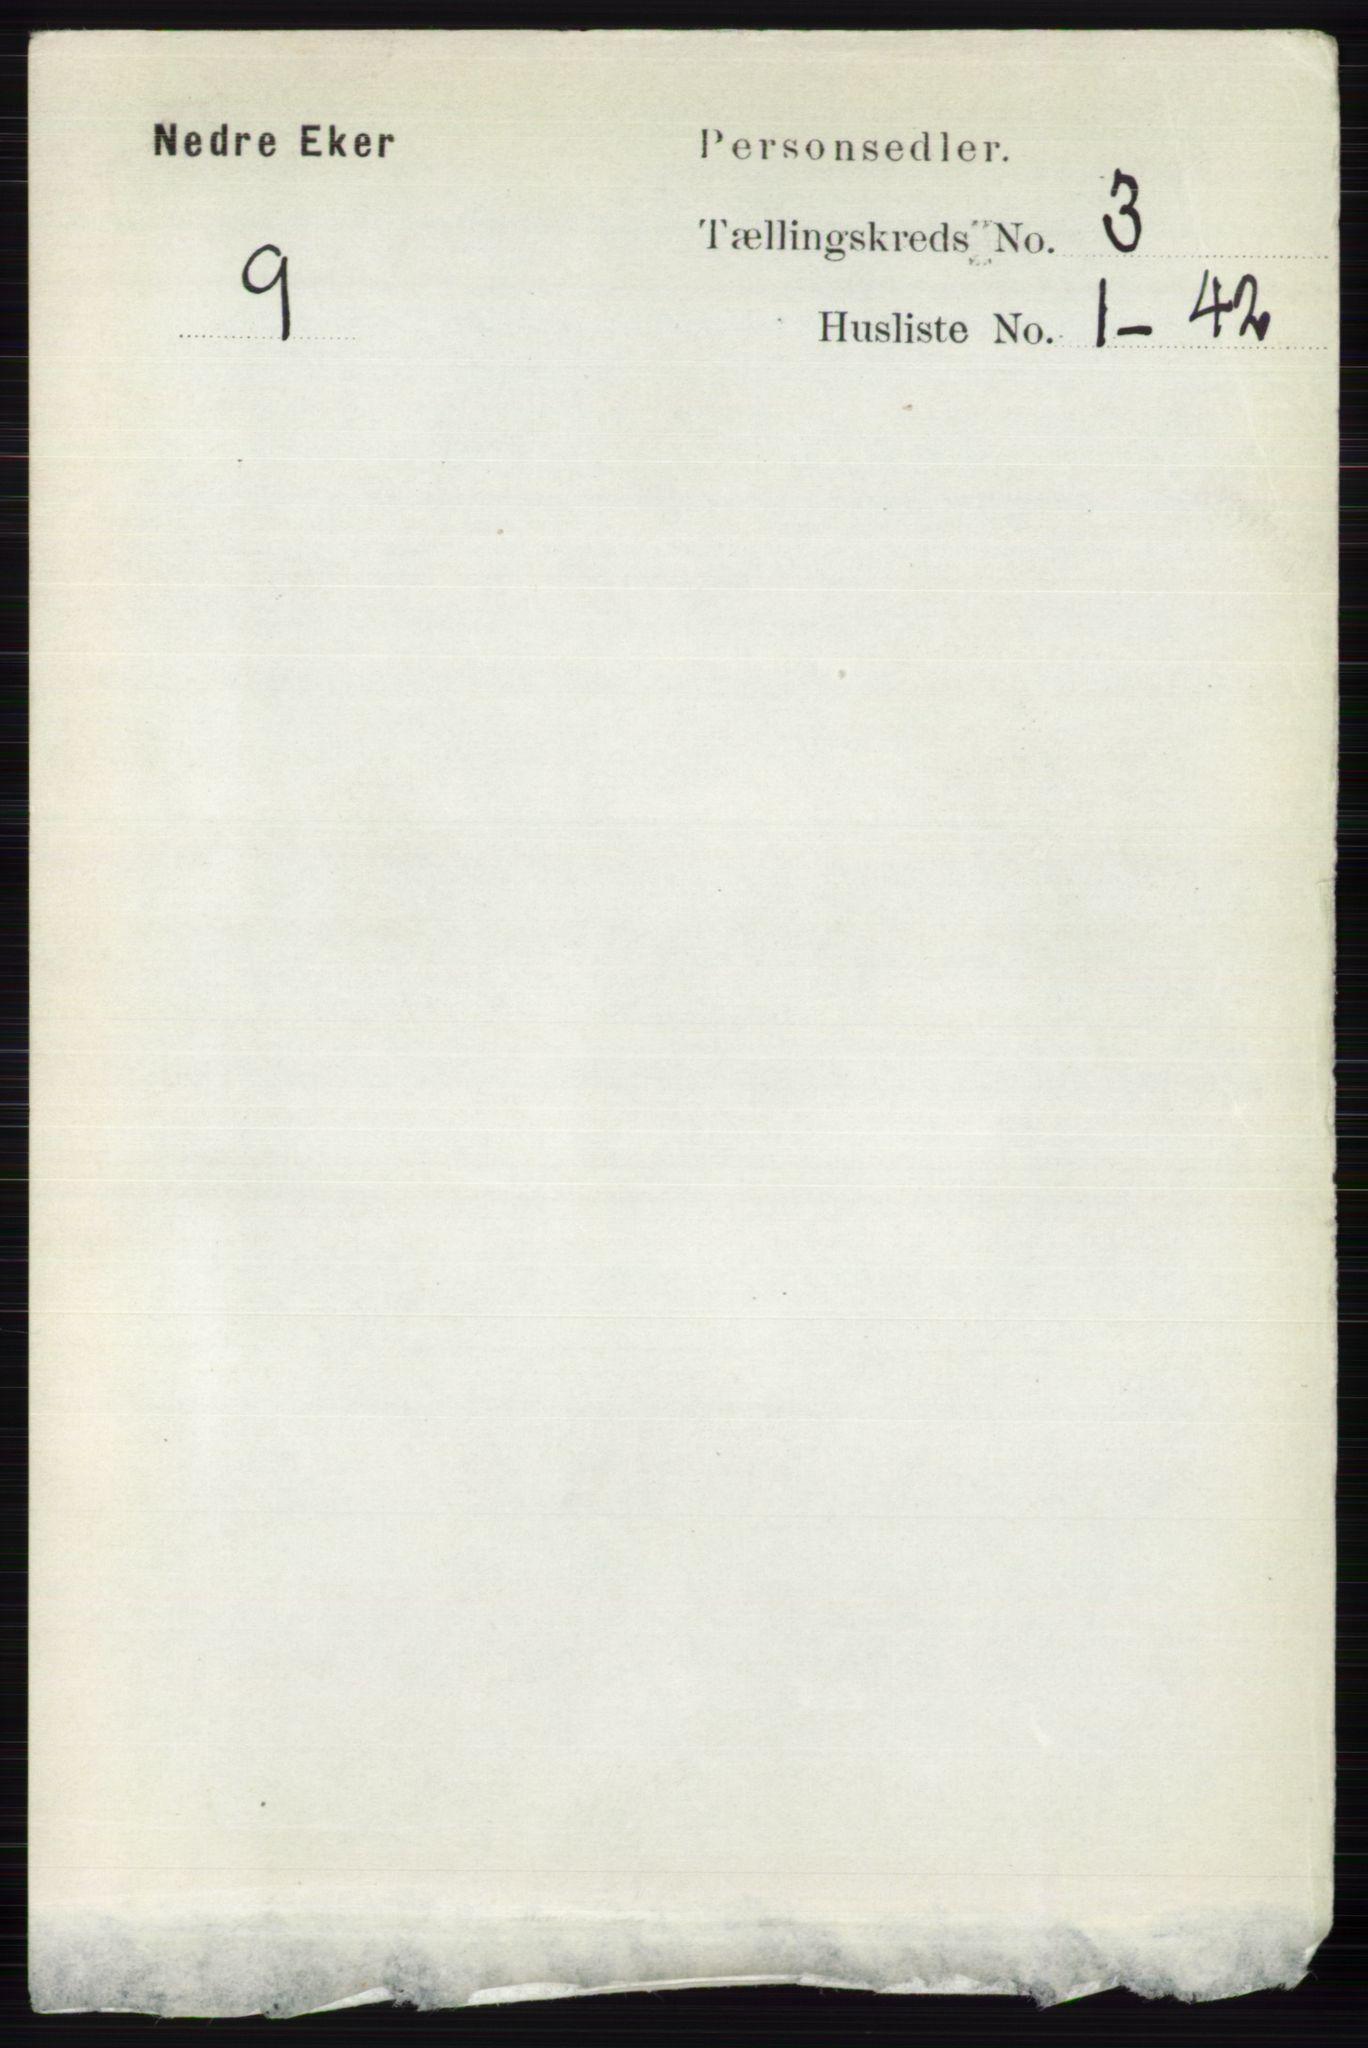 RA, Folketelling 1891 for 0625 Nedre Eiker herred, 1891, s. 1191